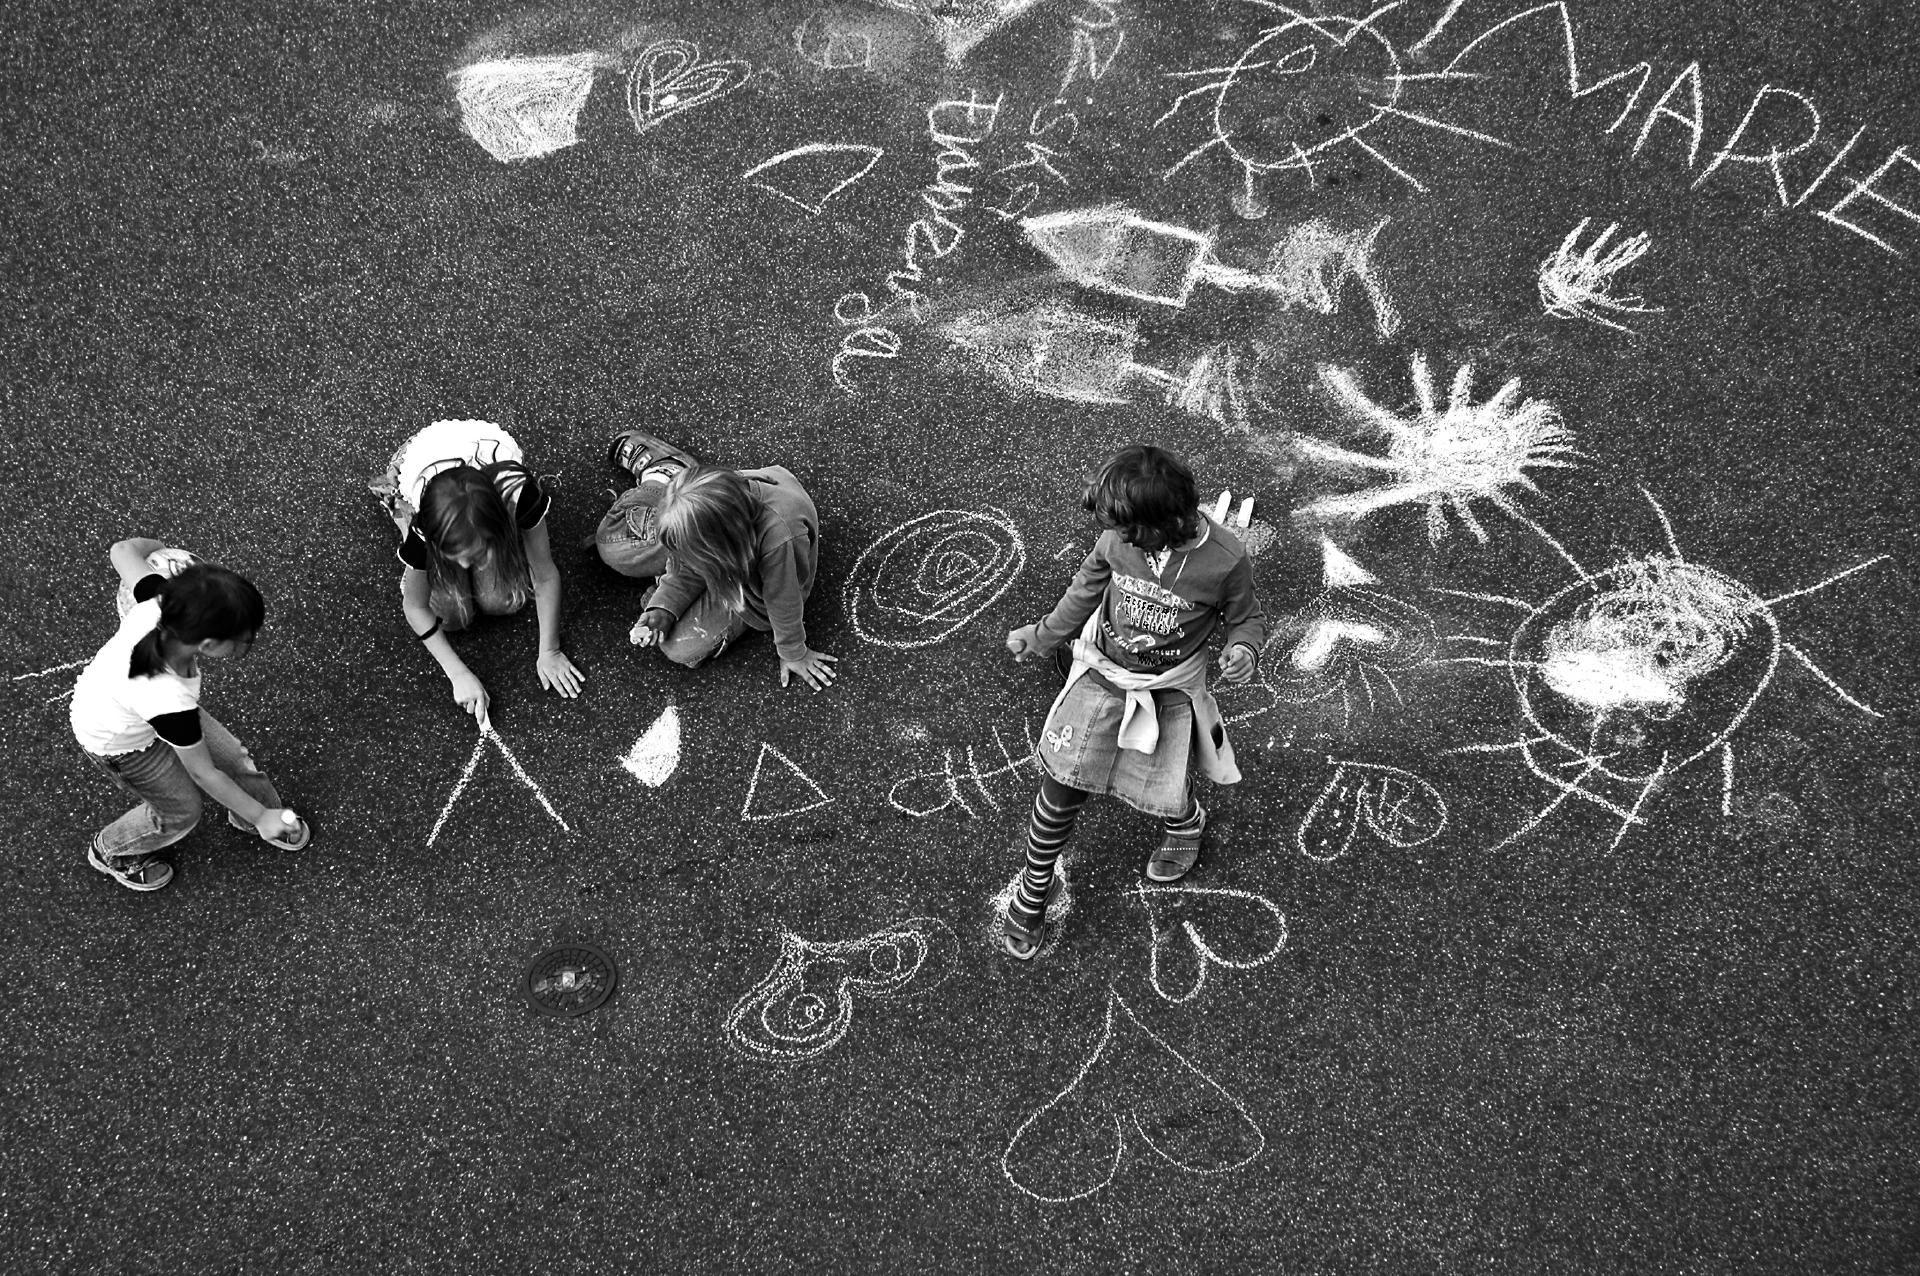 Helmut Plaha, Kinder